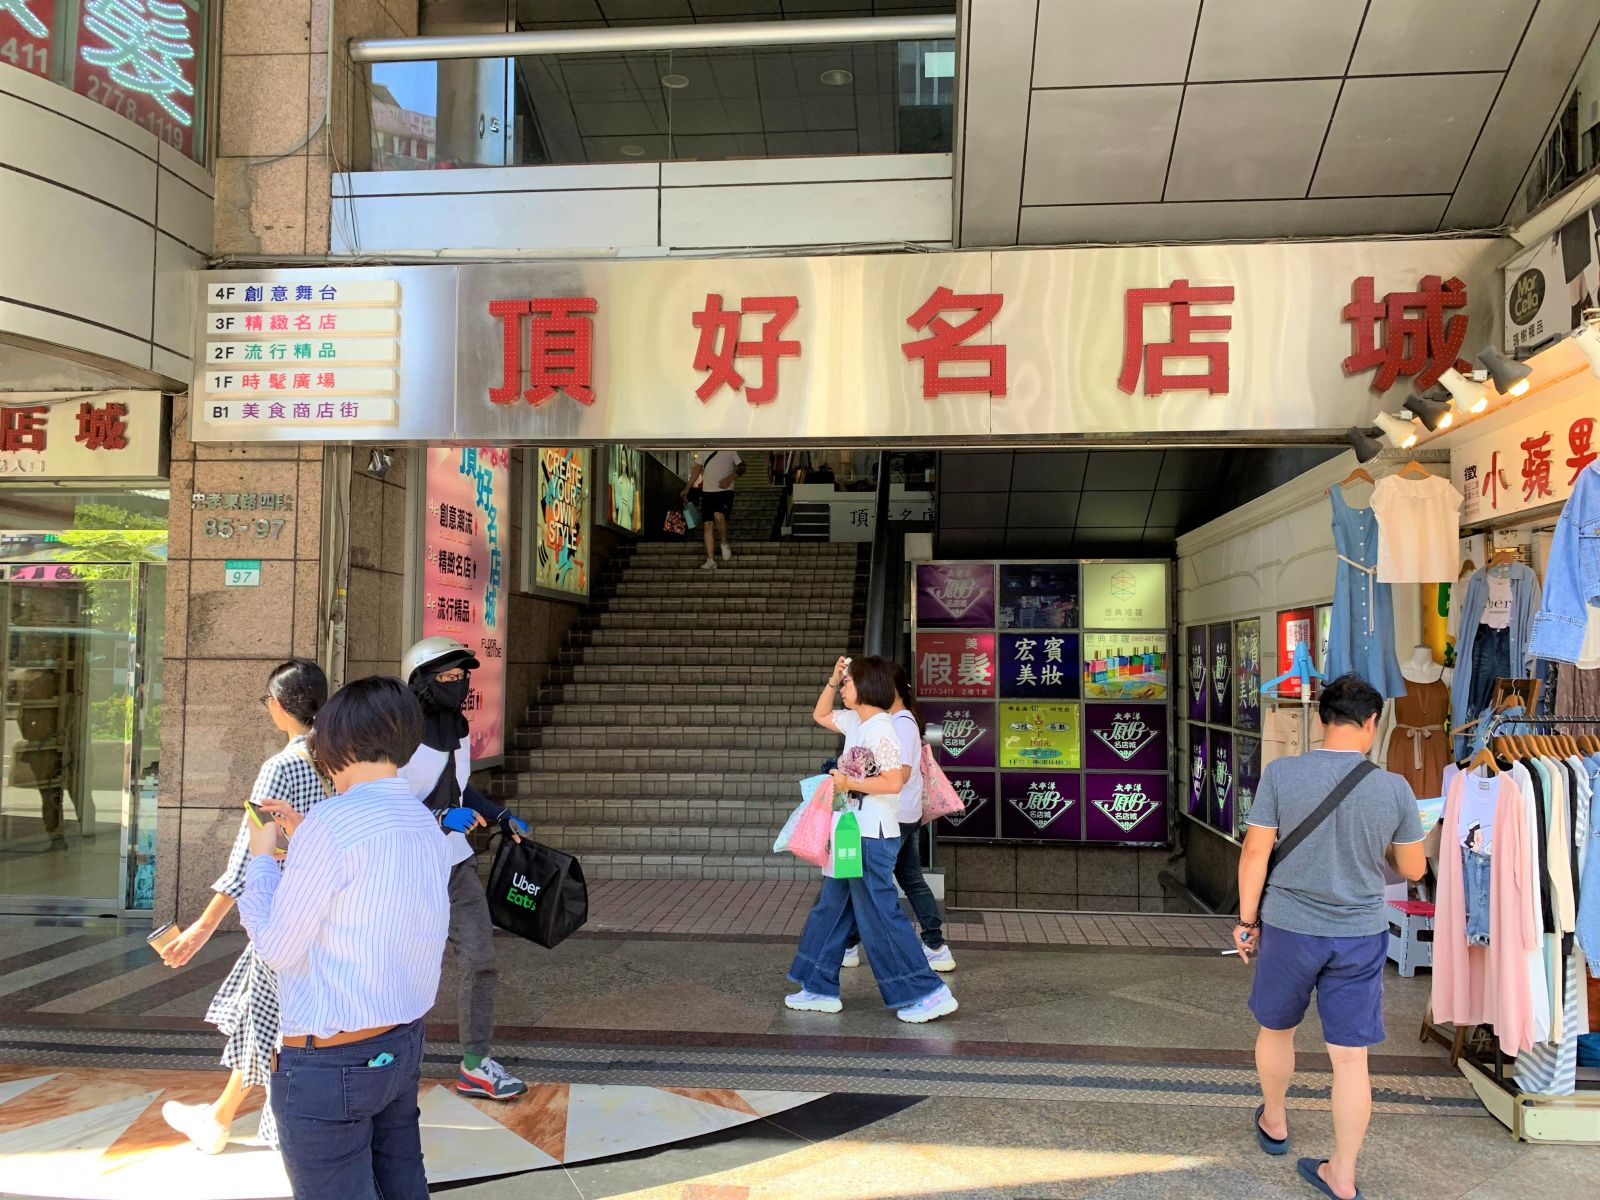 700萬買台北東區店面!電商衝擊頂好名店城 租金對半砍、20間店面乏人問津